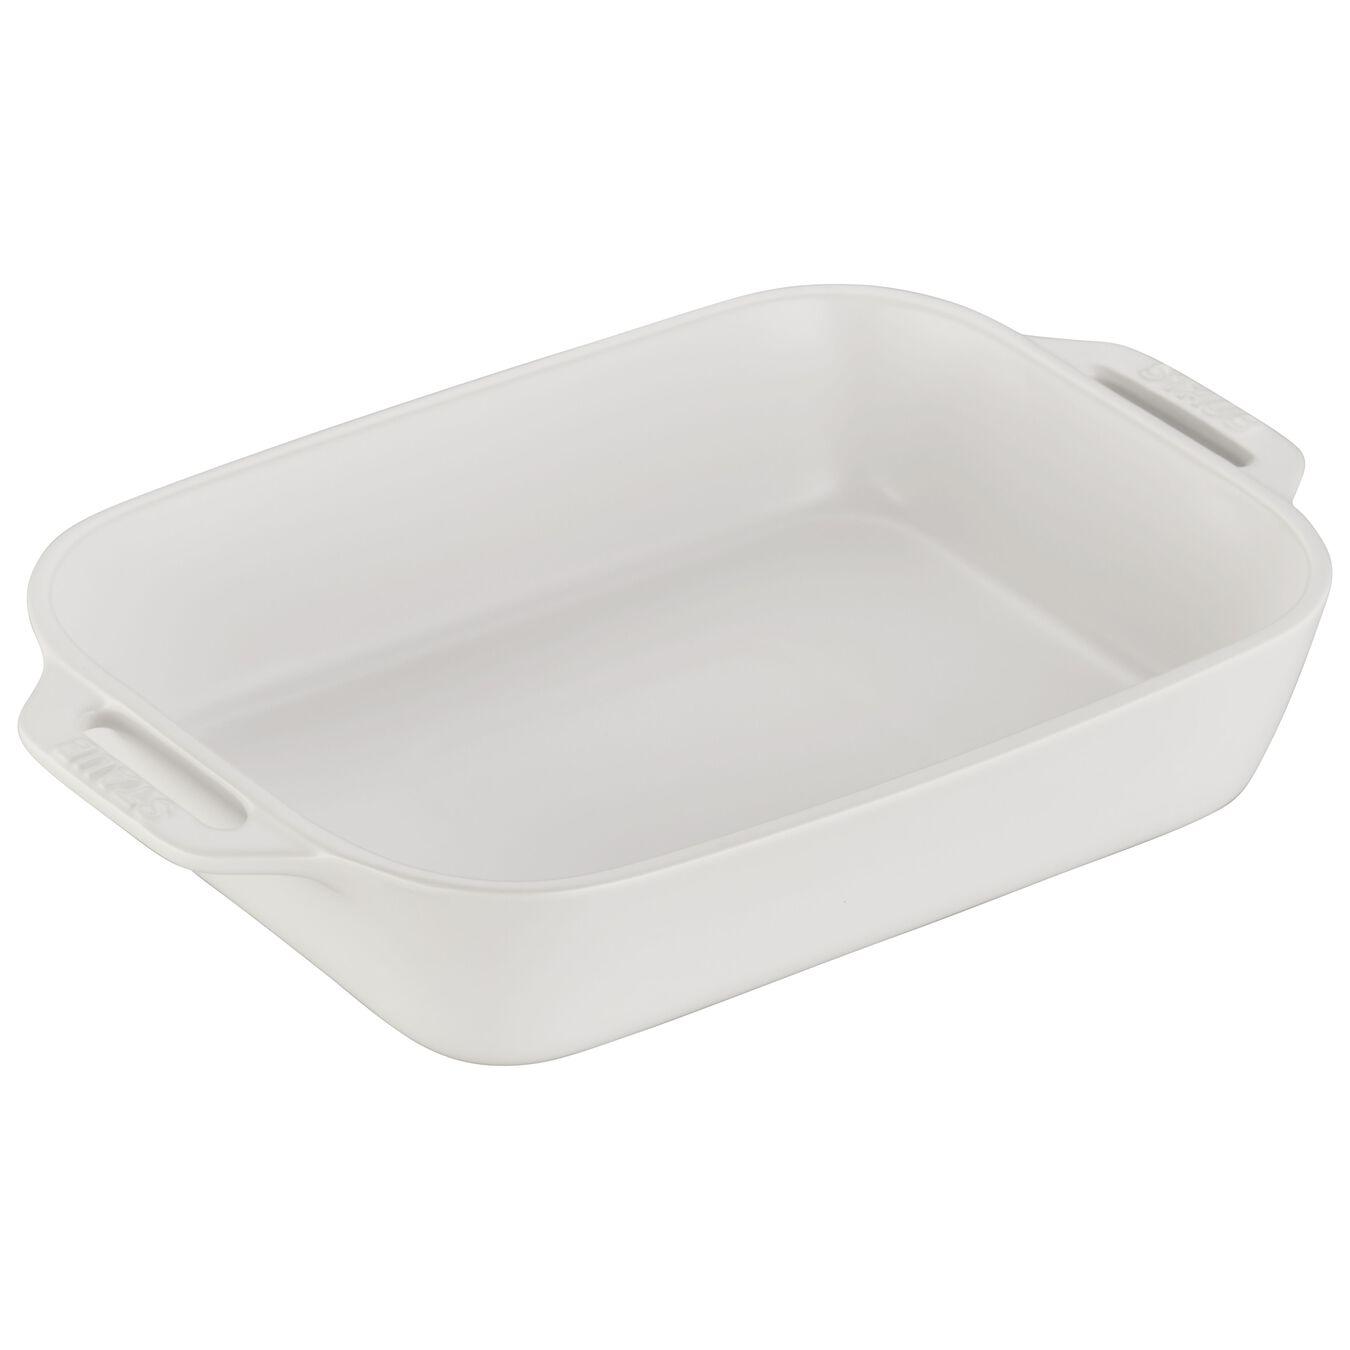 2-pc Rectangular Baking Dish Set - Matte White,,large 3